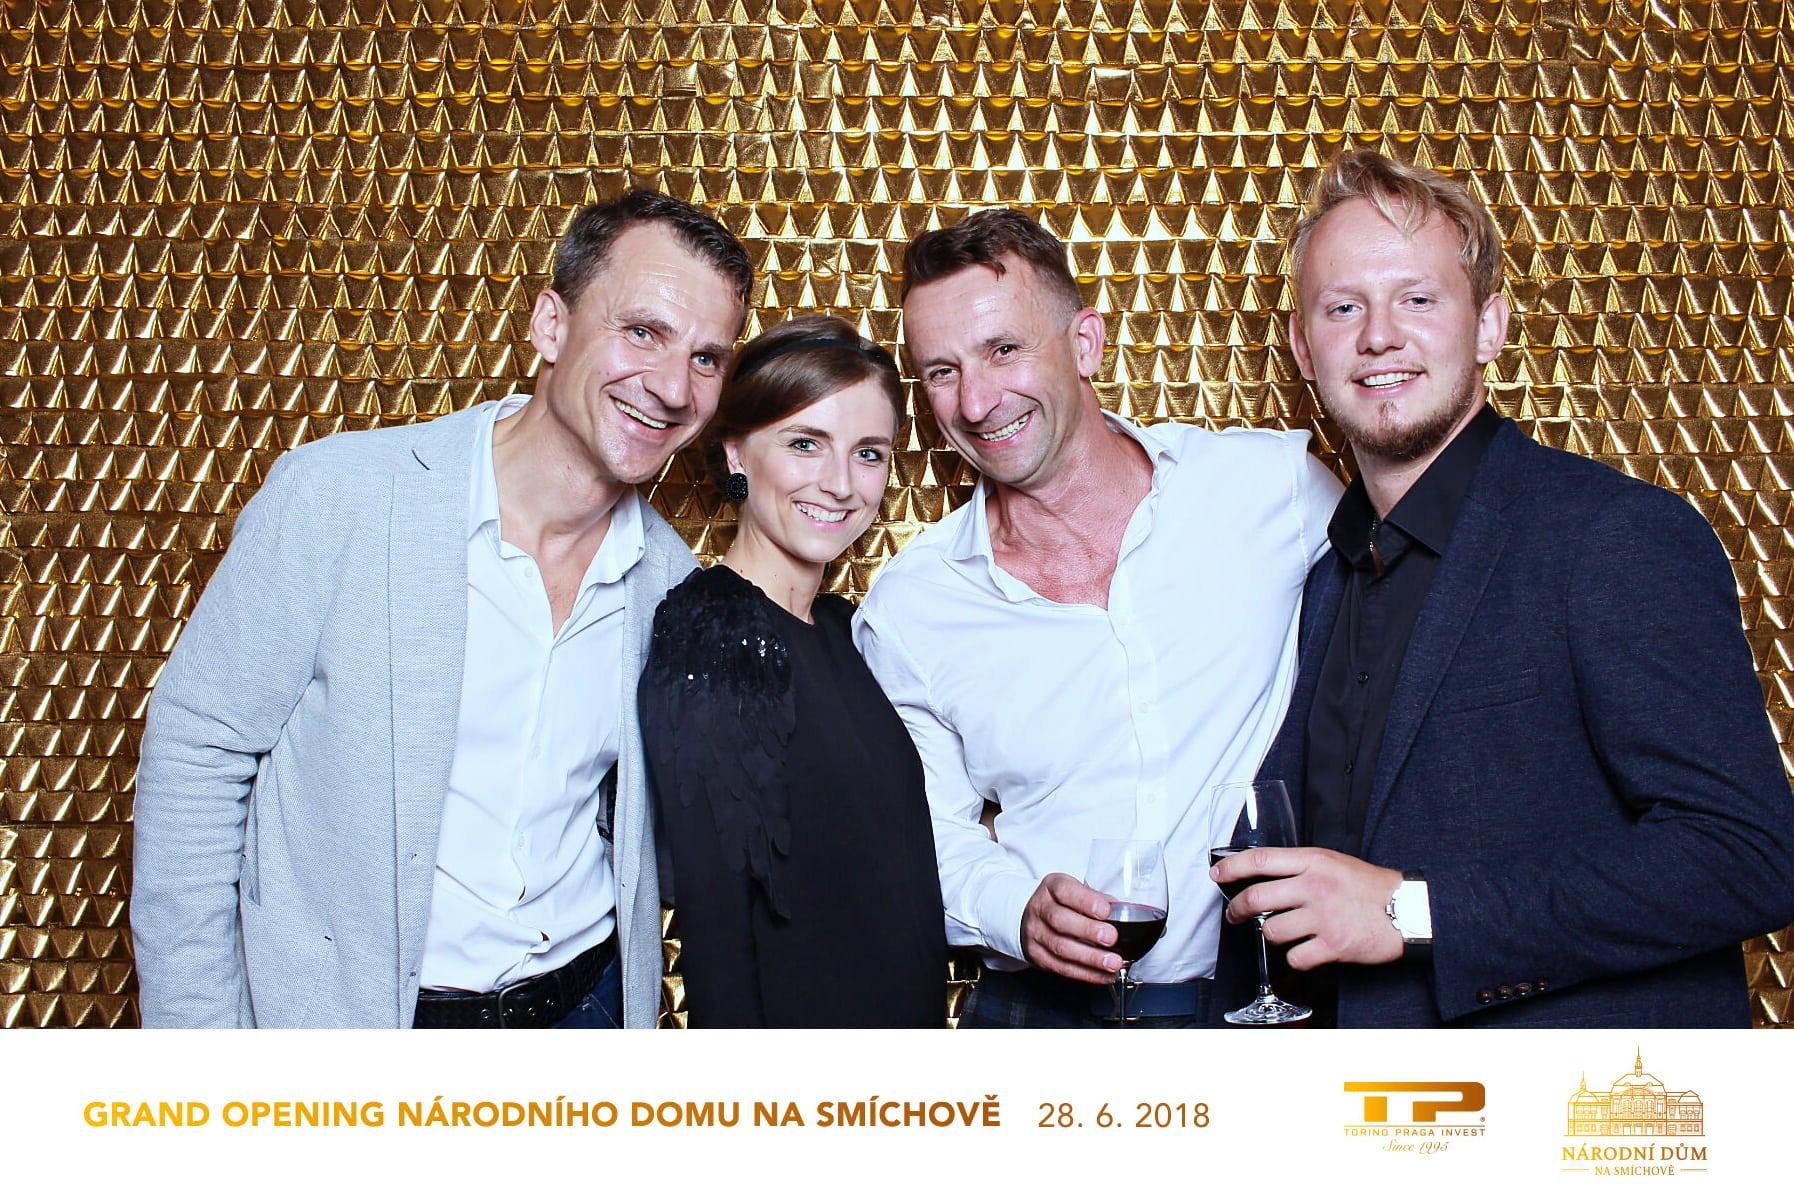 fotokoutek-tpi-28-6-2018-446024